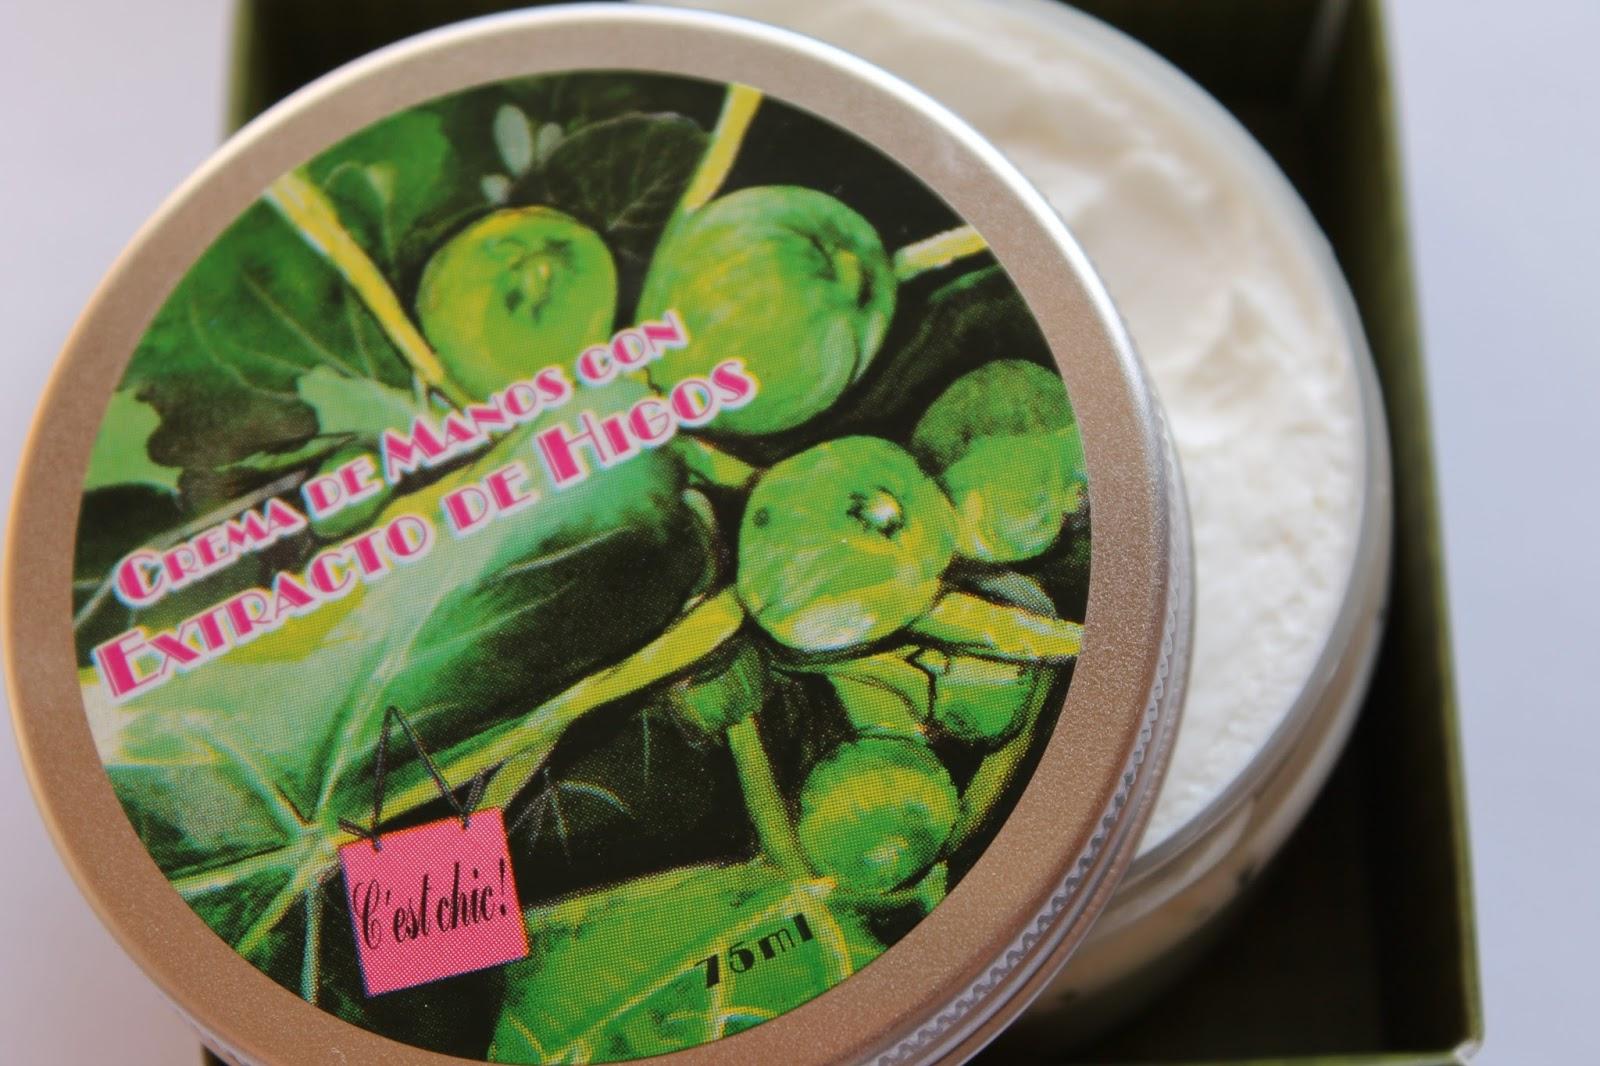 crema-de-manos-extracto-de-higos-cosmeticuse